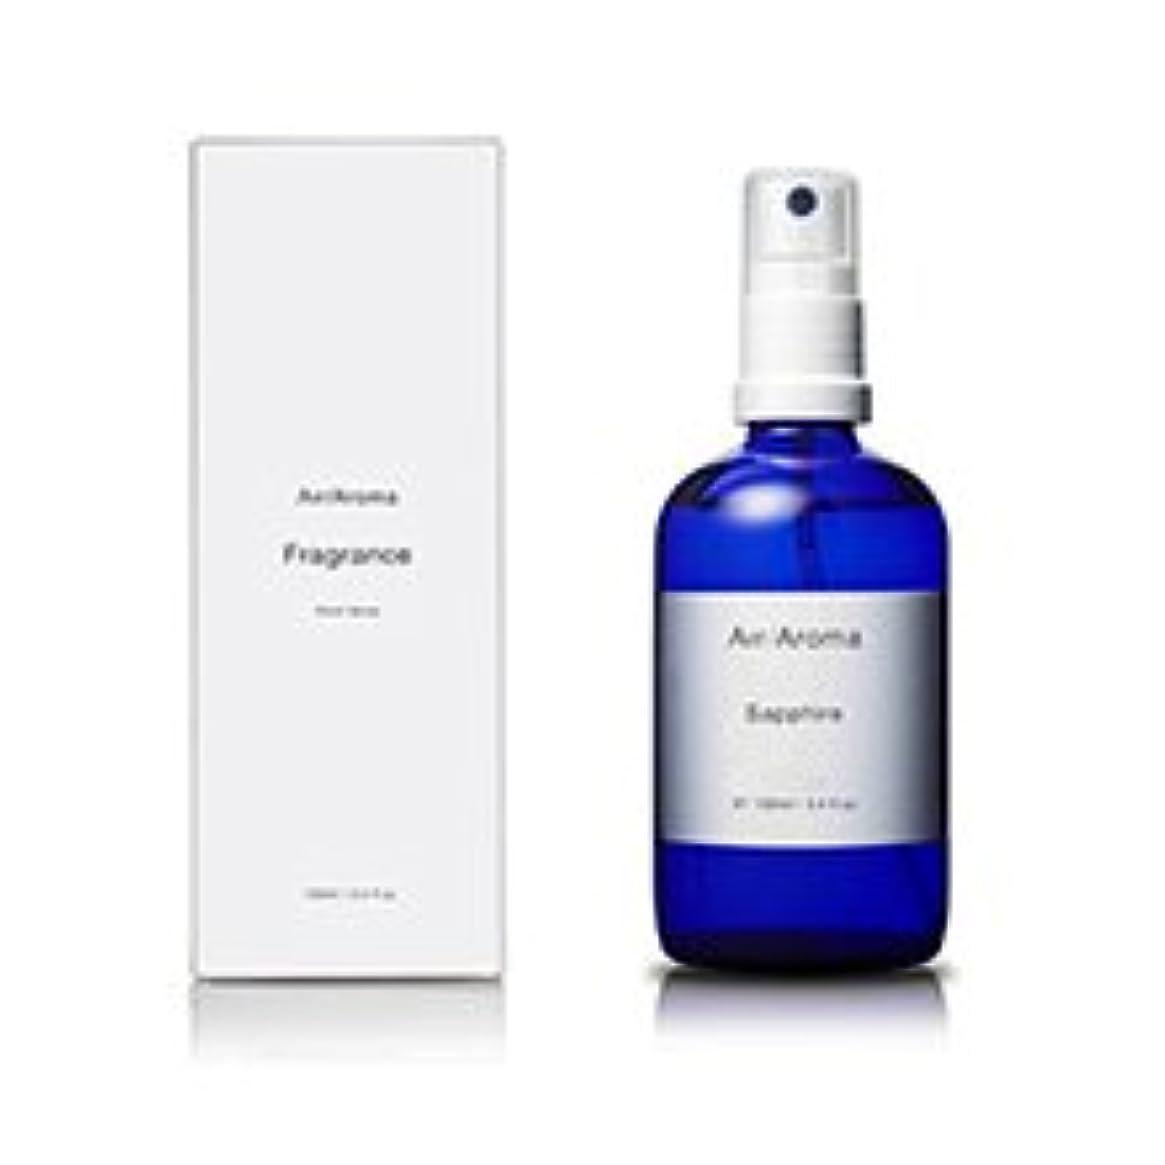 誘導パキスタン人欺くエアアロマ sapphire room fragrance(サファイア ルームフレグランス) 100ml